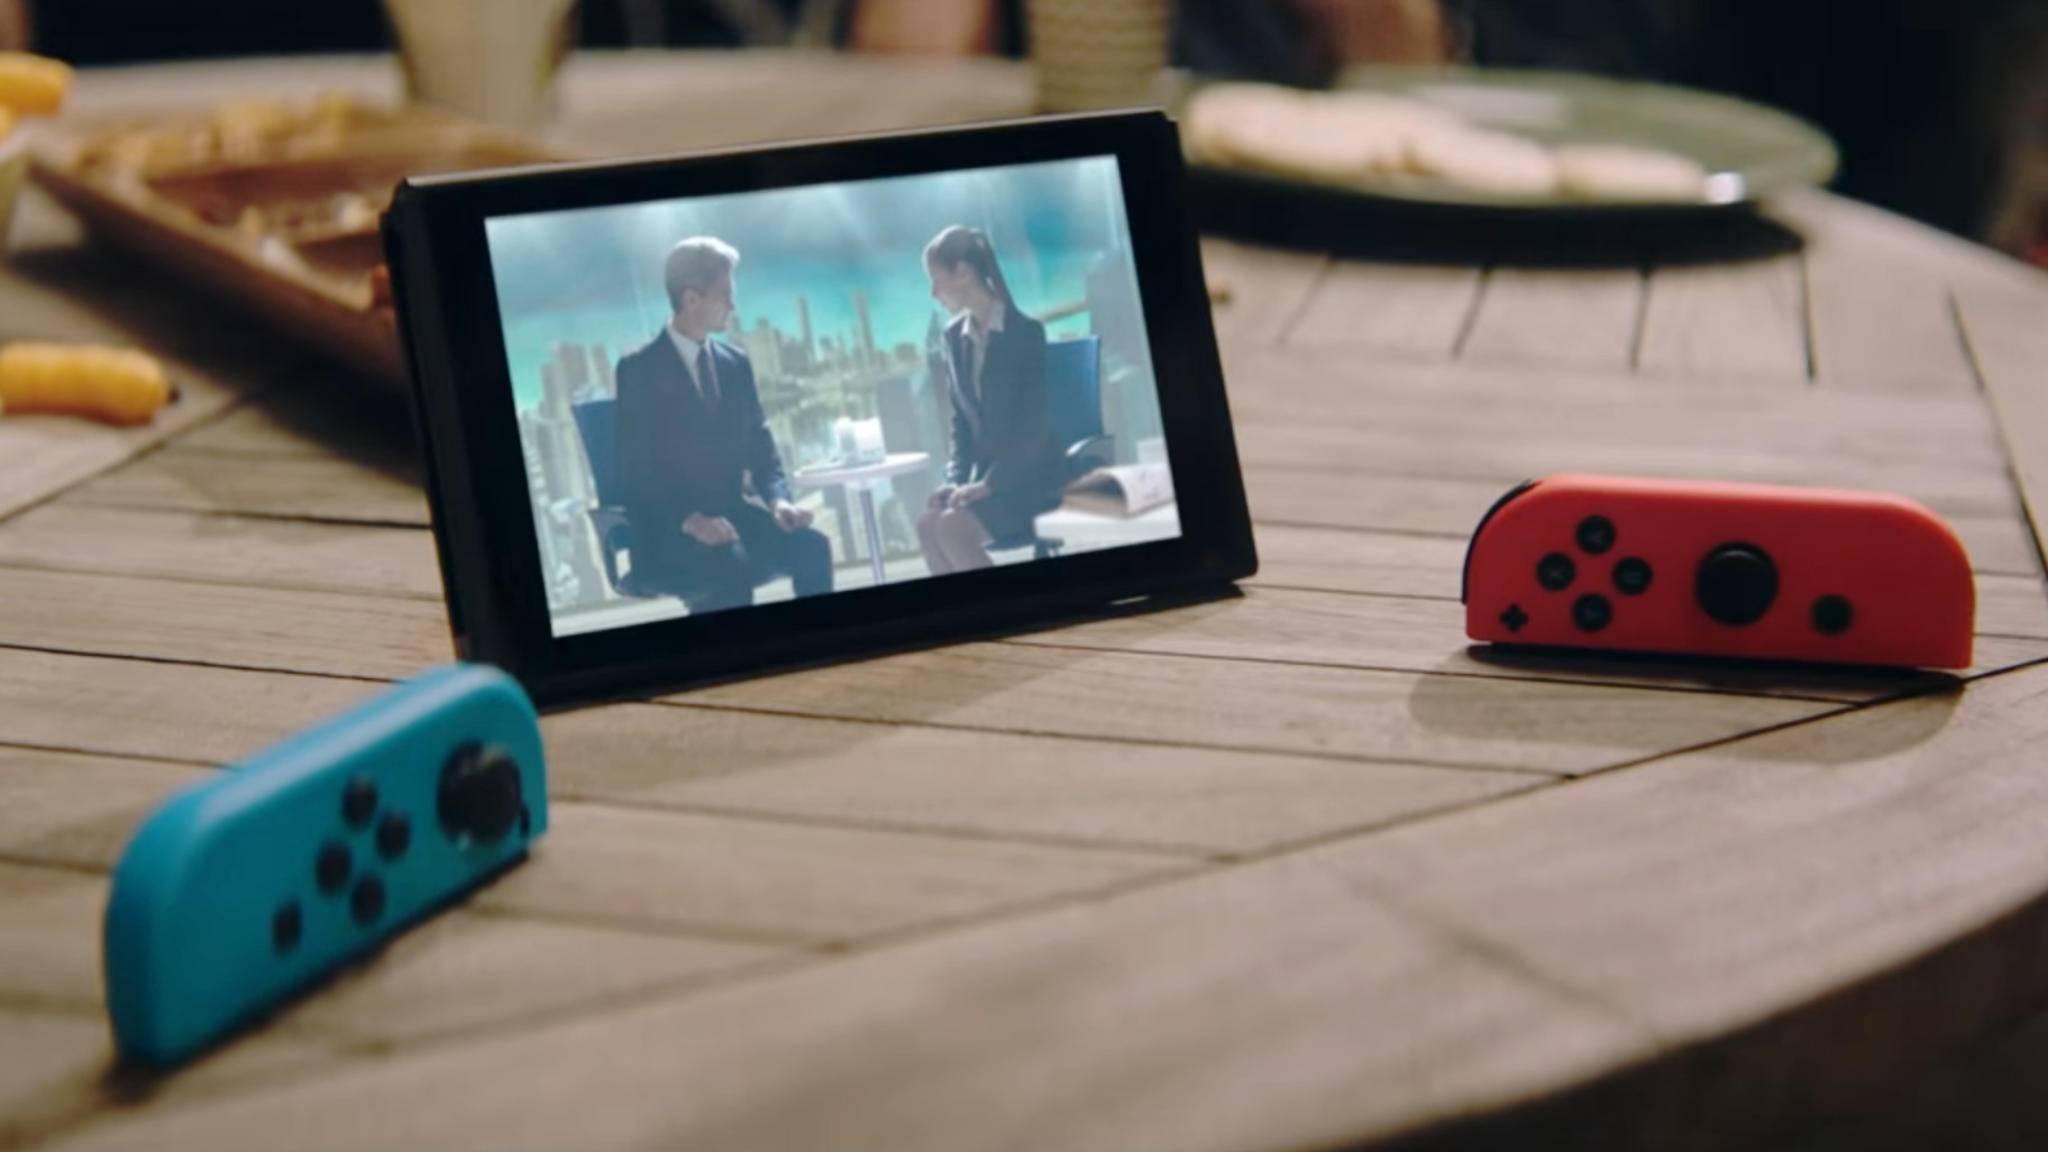 Bisher keine Streaming-Dienste: Weitere Features der Nintendo Switch sollen folgen.